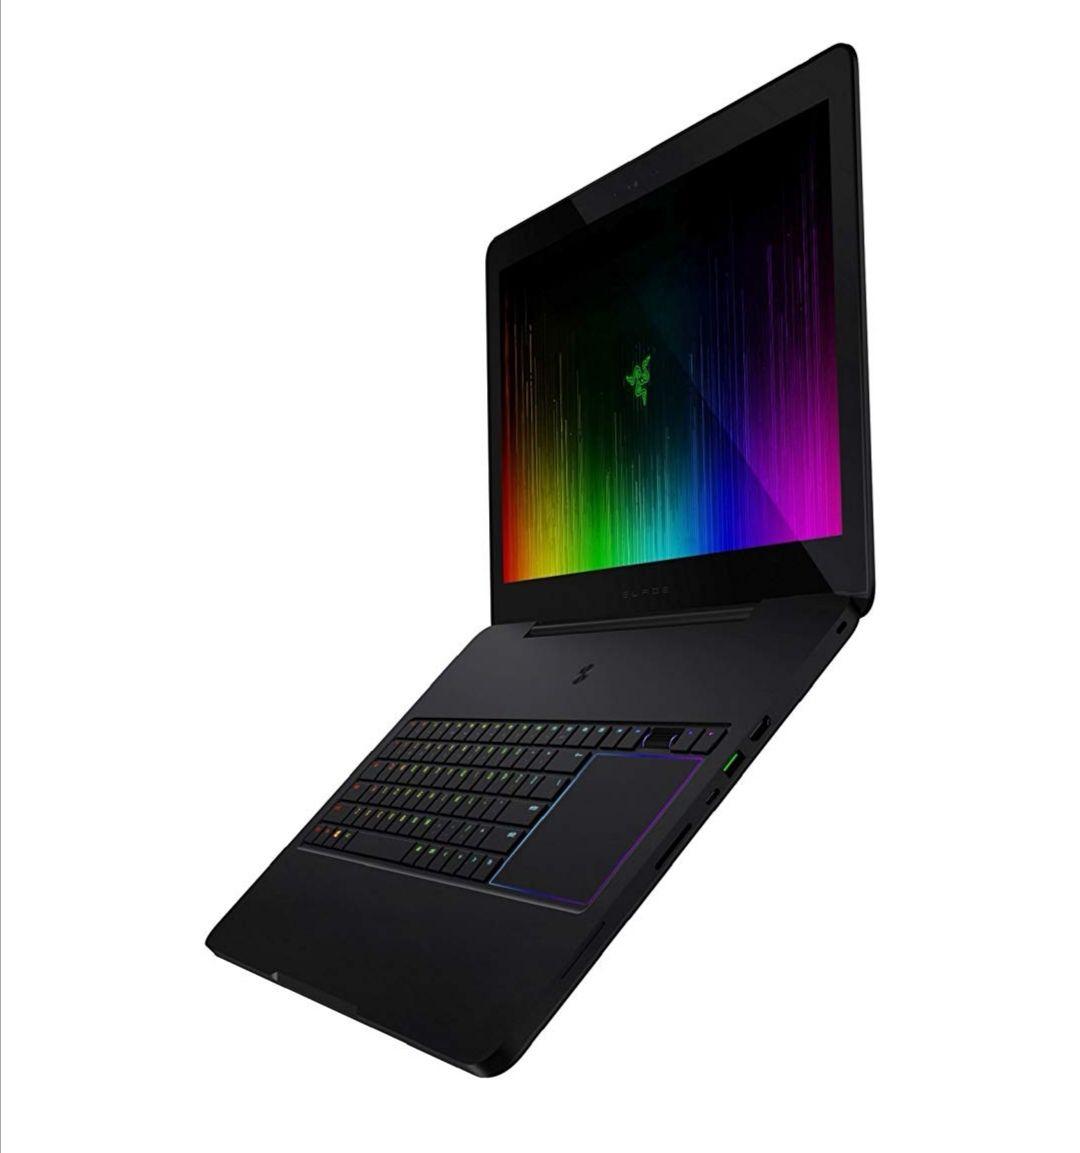 Razer Blade Pro 17 4K Touch - Intel i7-7820HK, 32GB RAM, 512GB SSD, NVIDIA GeForce GTX 1080 now £1579.48 @Amazon